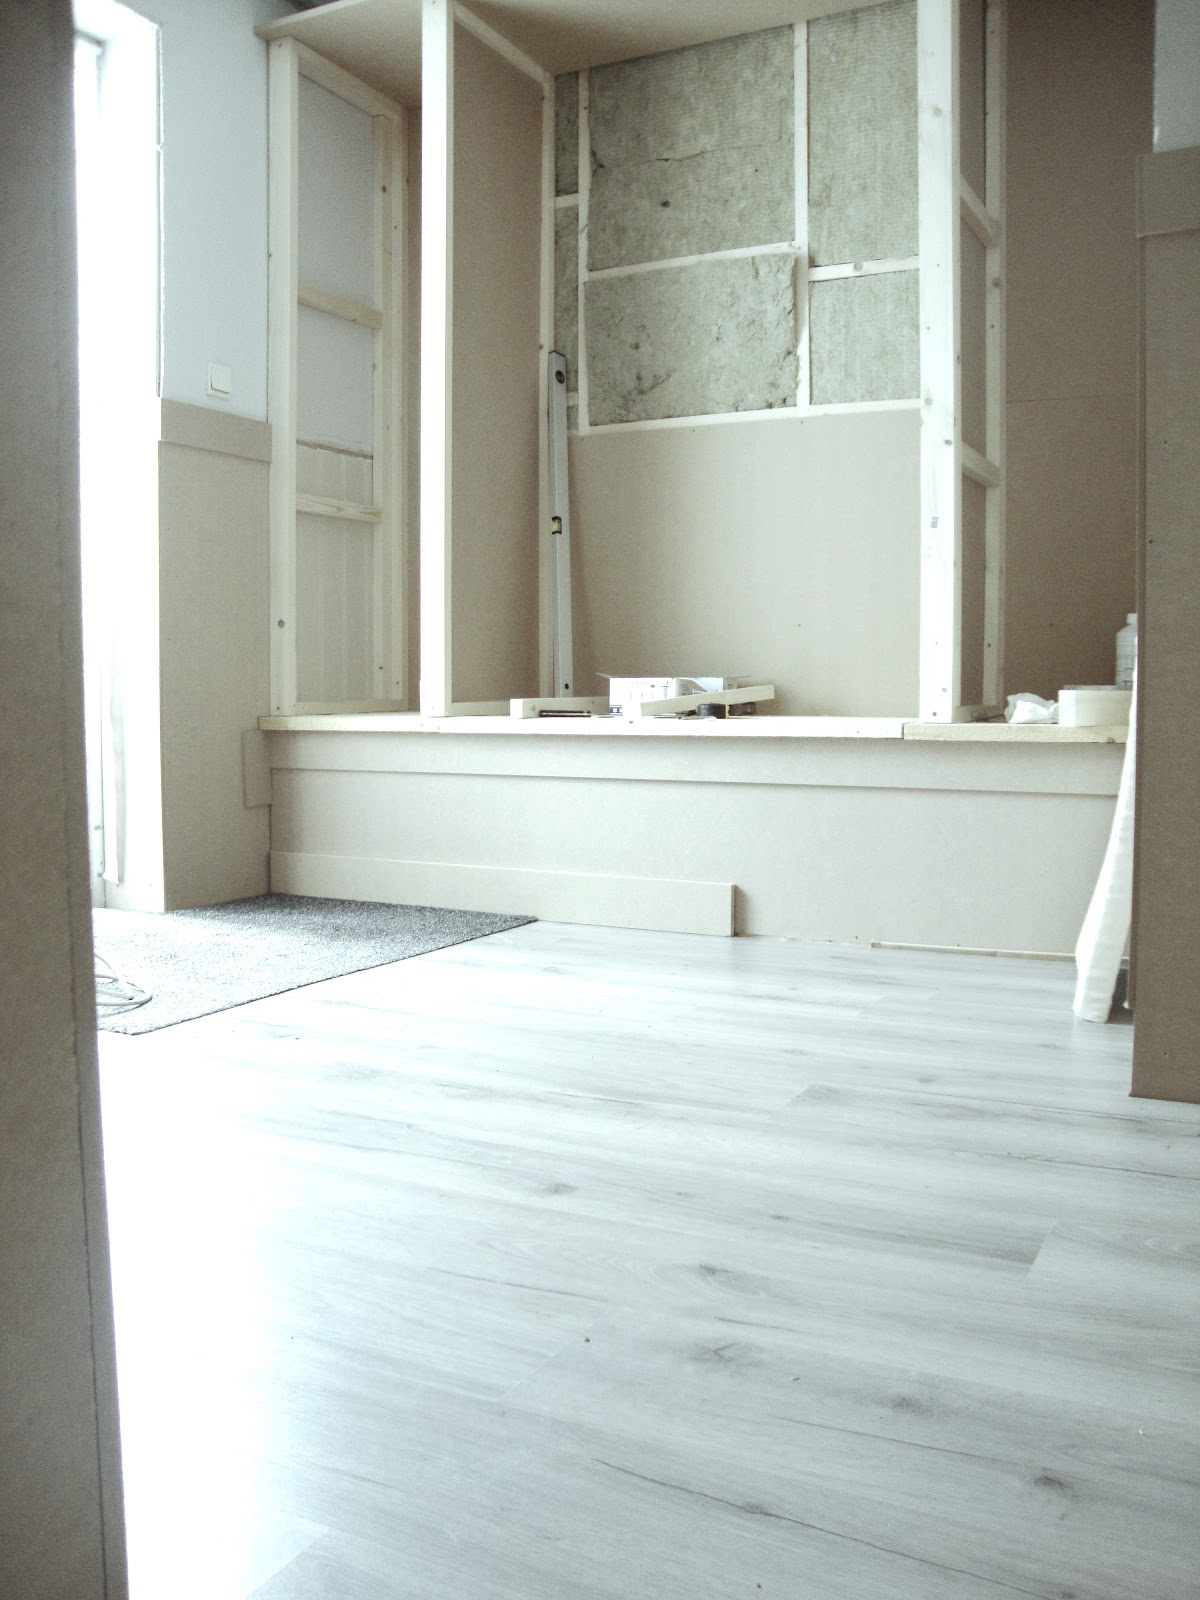 Landelijk wonen update hal in landelijke stijl - Schilderen voor entree en hal ...